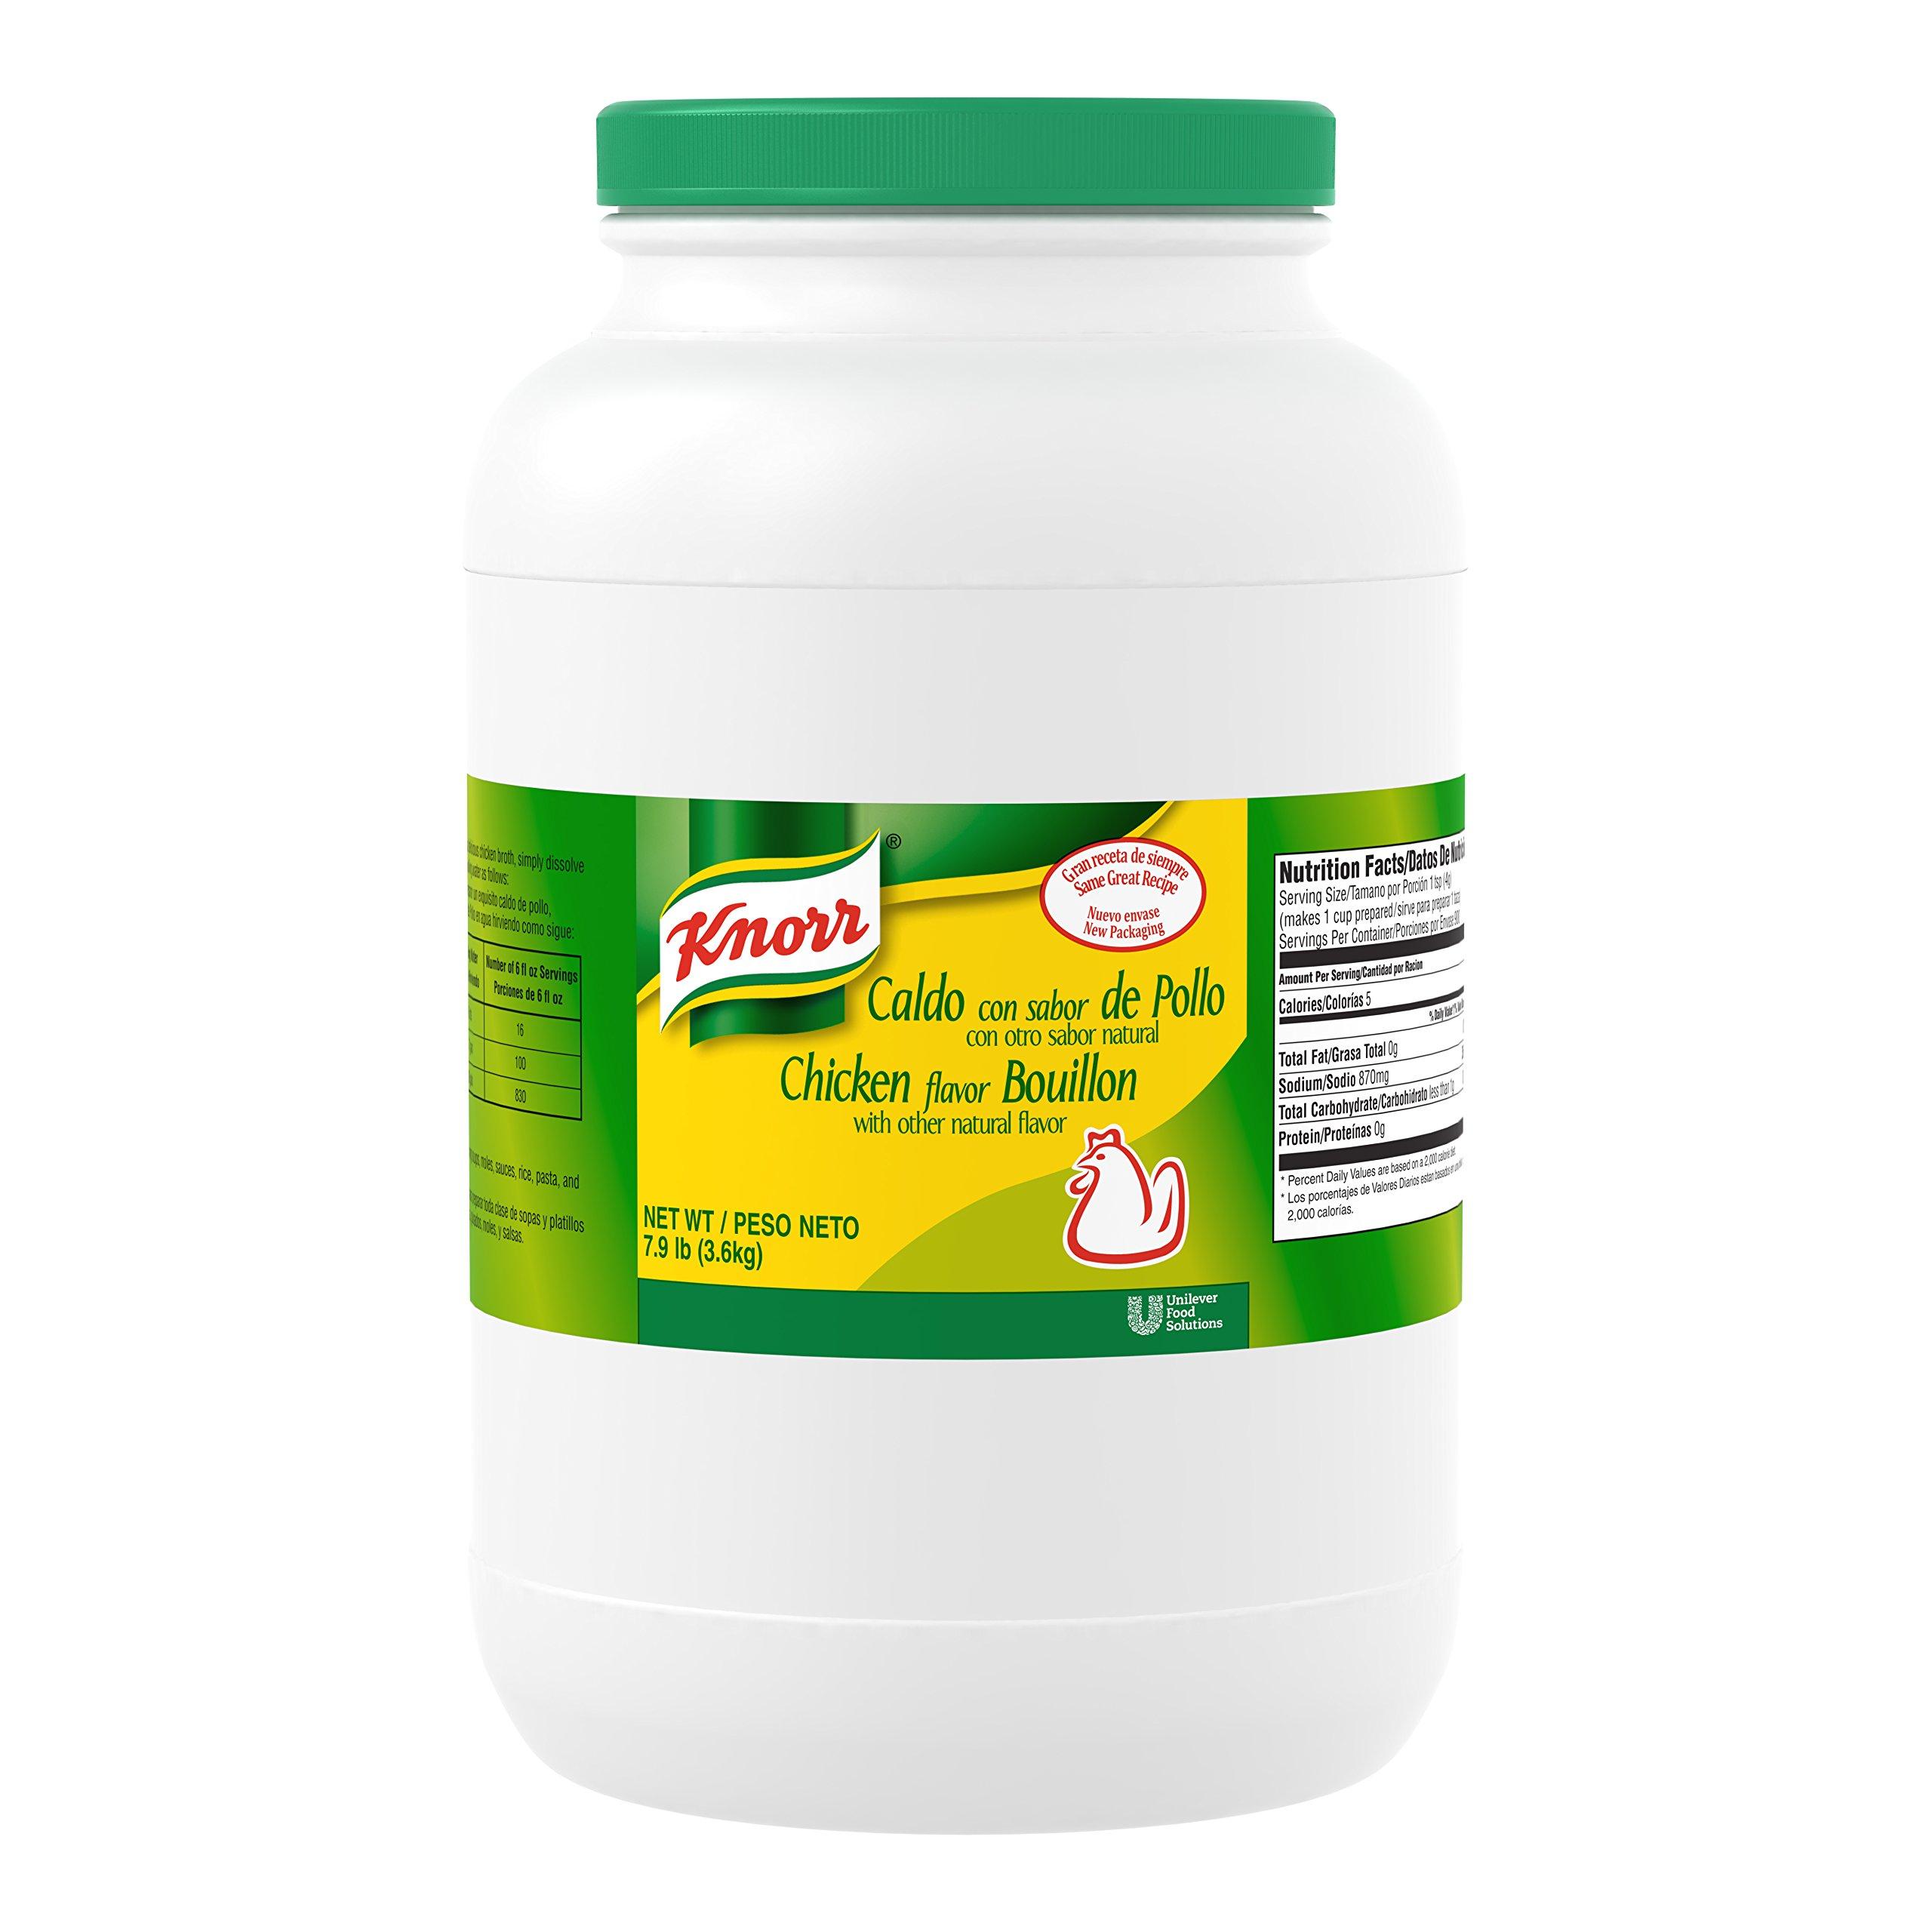 Knorr Chicken Bouillon Caldo de Pollo 7.9 lb